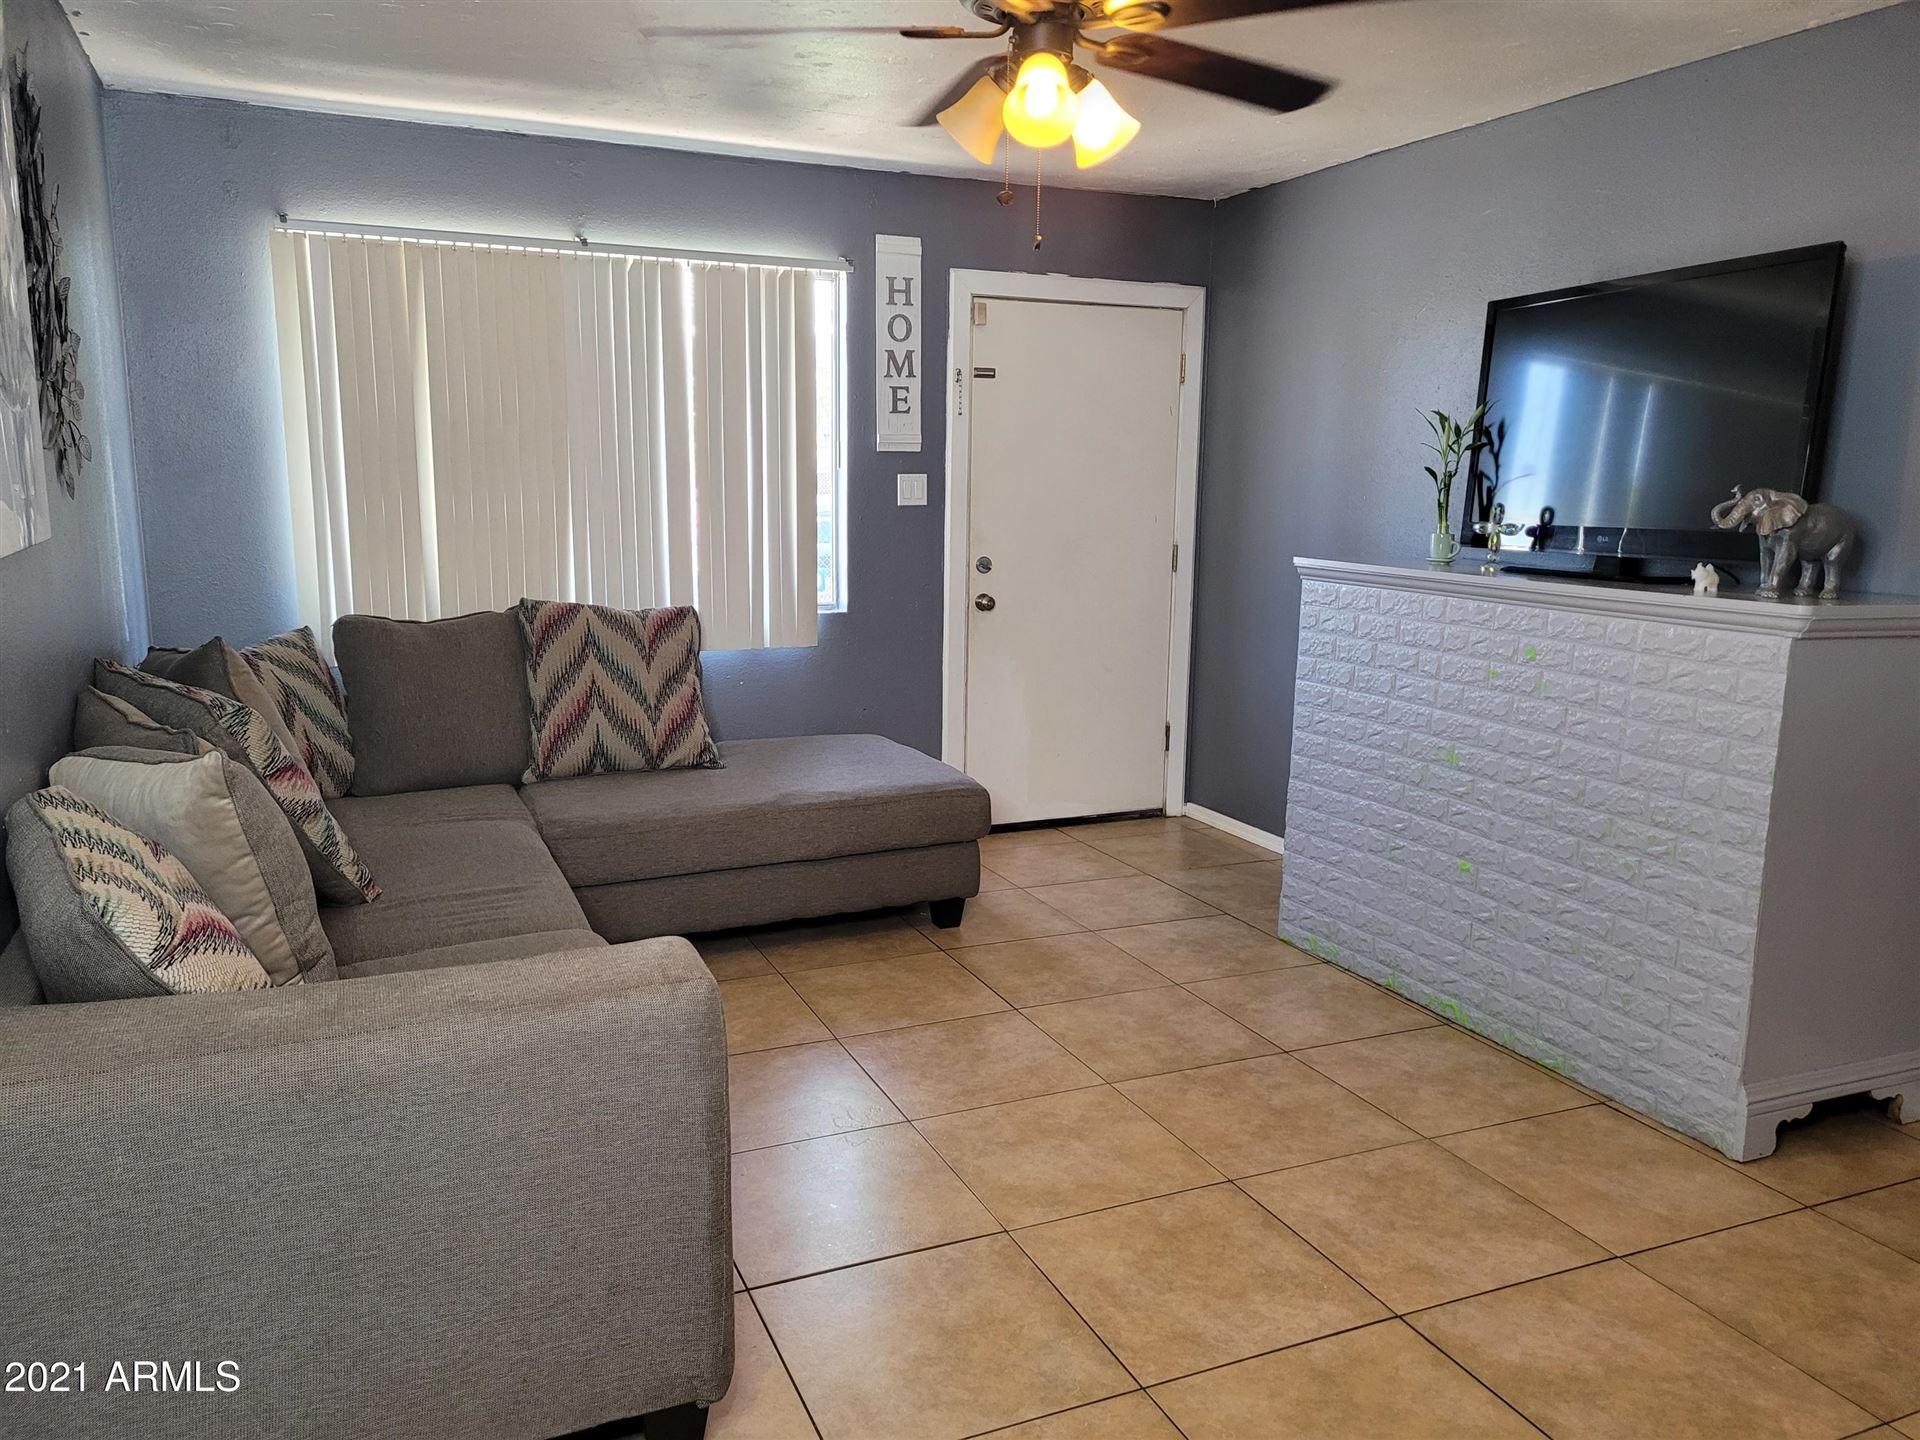 Photo of 6511 W PECK Drive, Glendale, AZ 85301 (MLS # 6231919)